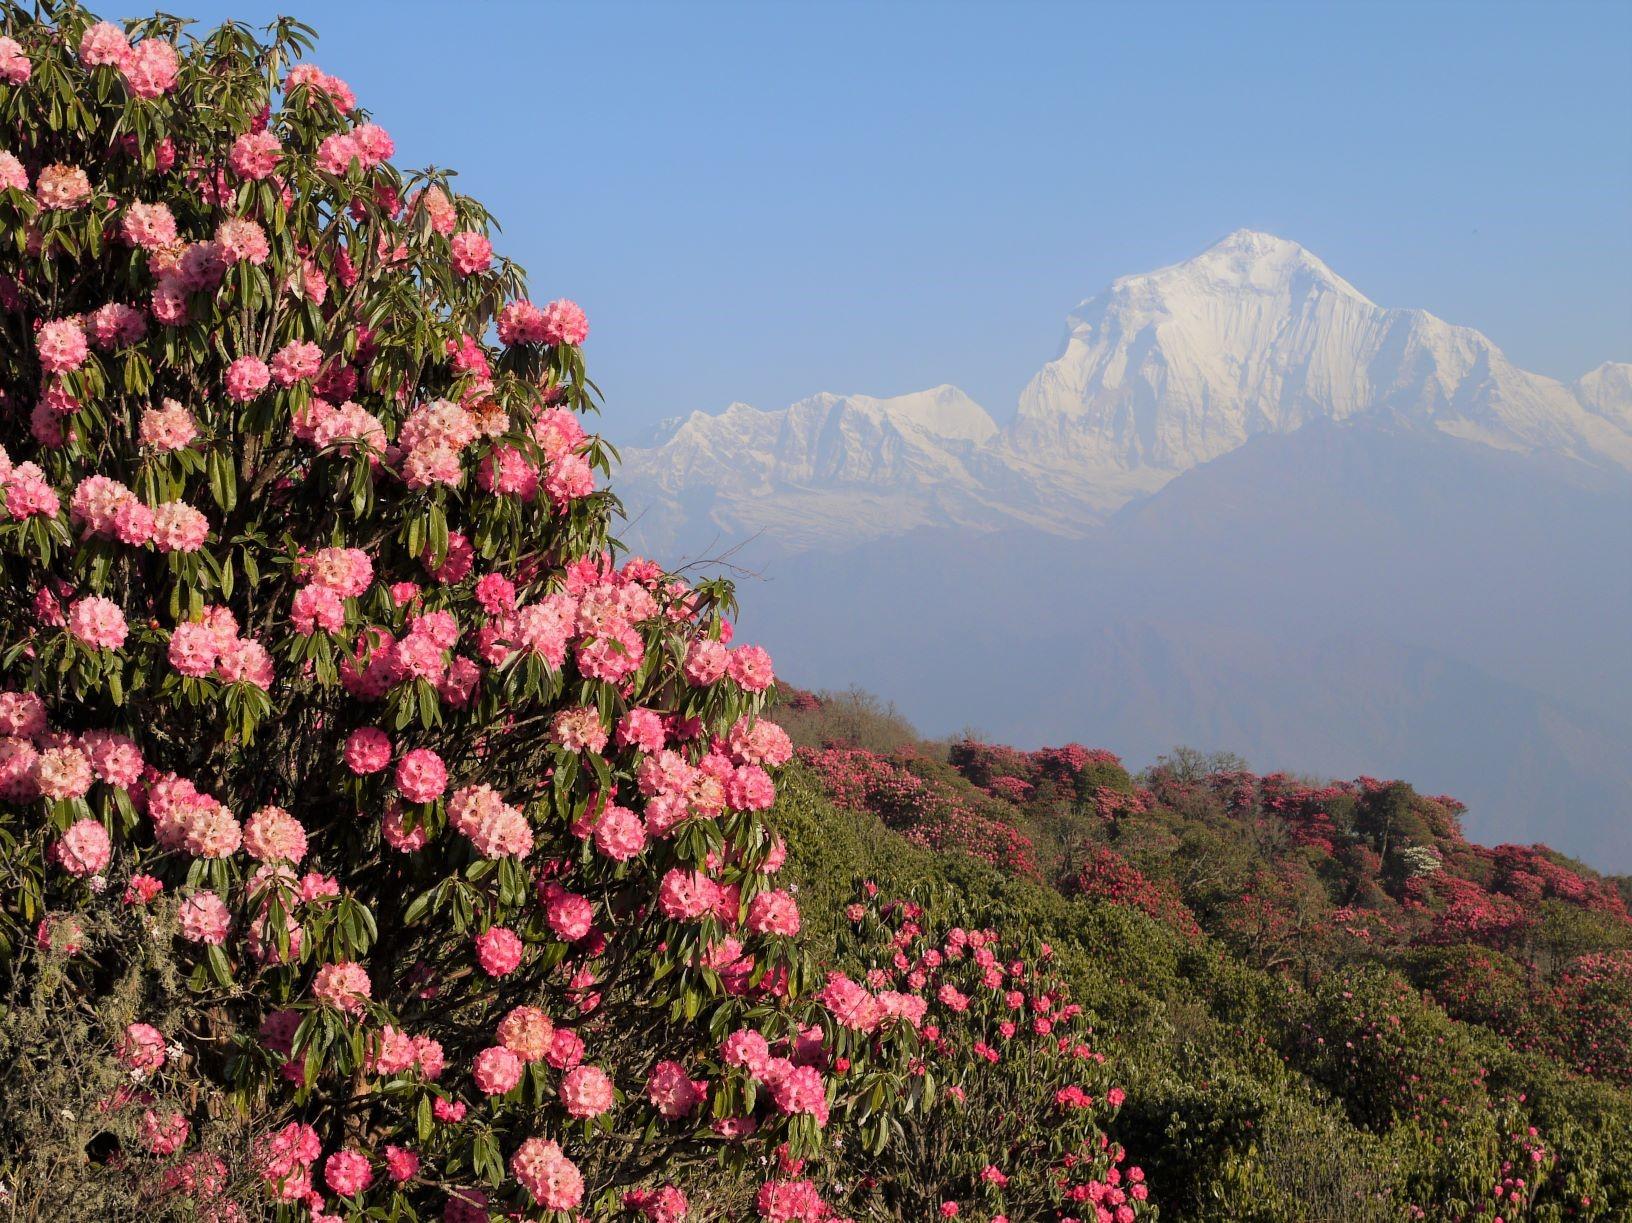 ゴラパニより望むダウラギリⅠ峰(8,167m)の雄姿とシャクナゲの花